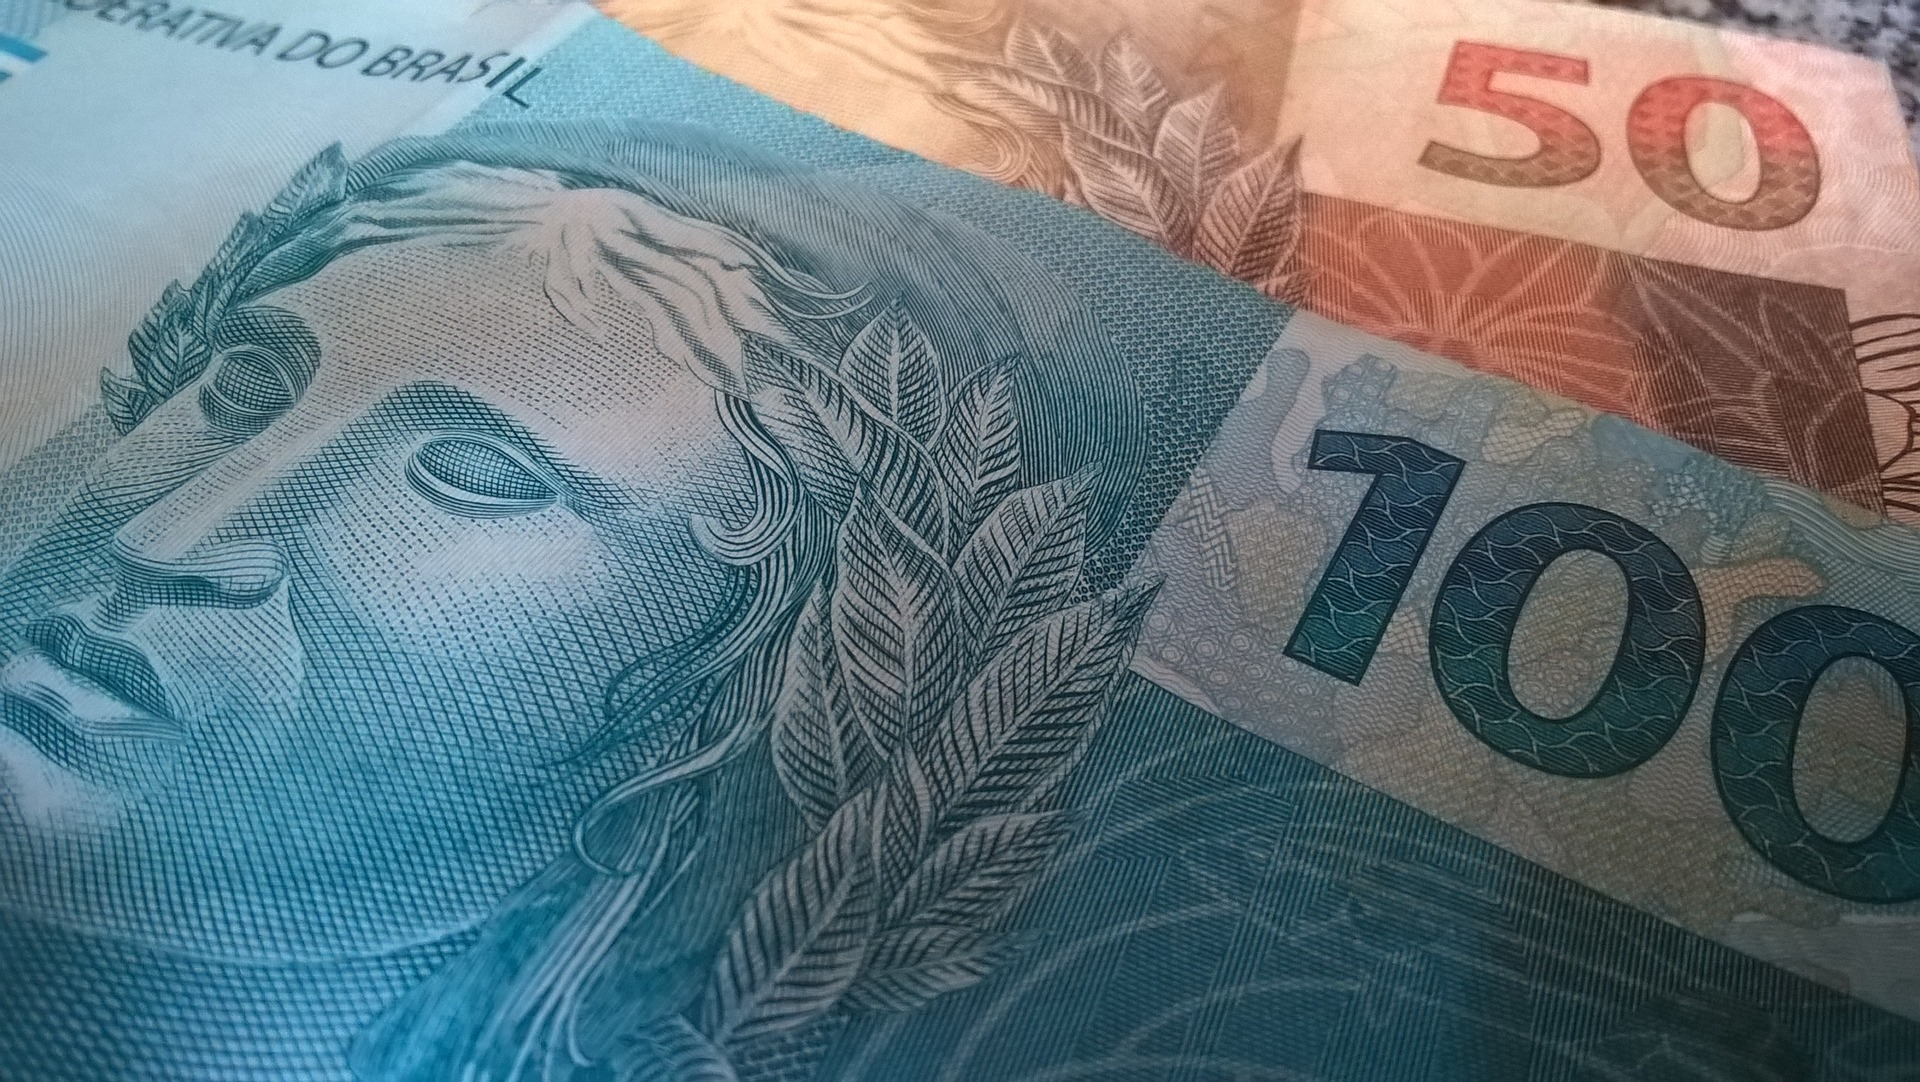 Atividade econômica se recupera aponta levantamento regional do BC